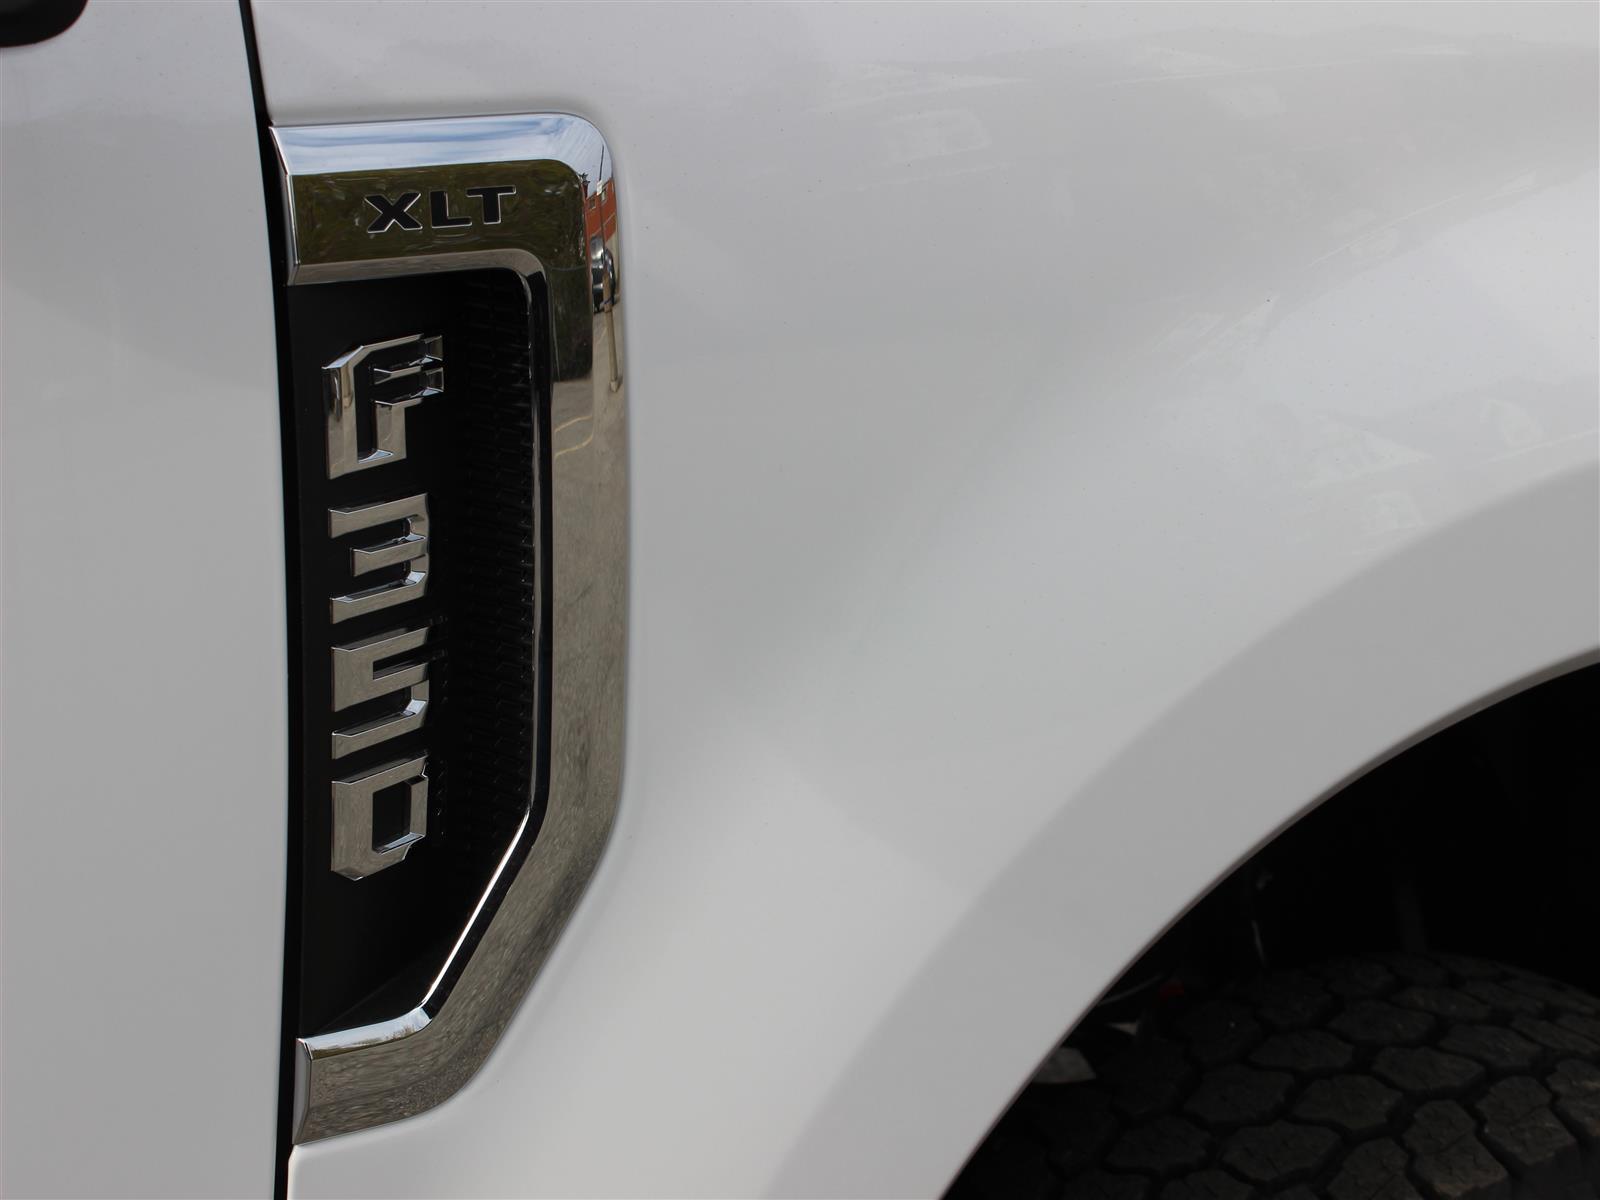 2021 Ford SuperDuty F-350 XLT